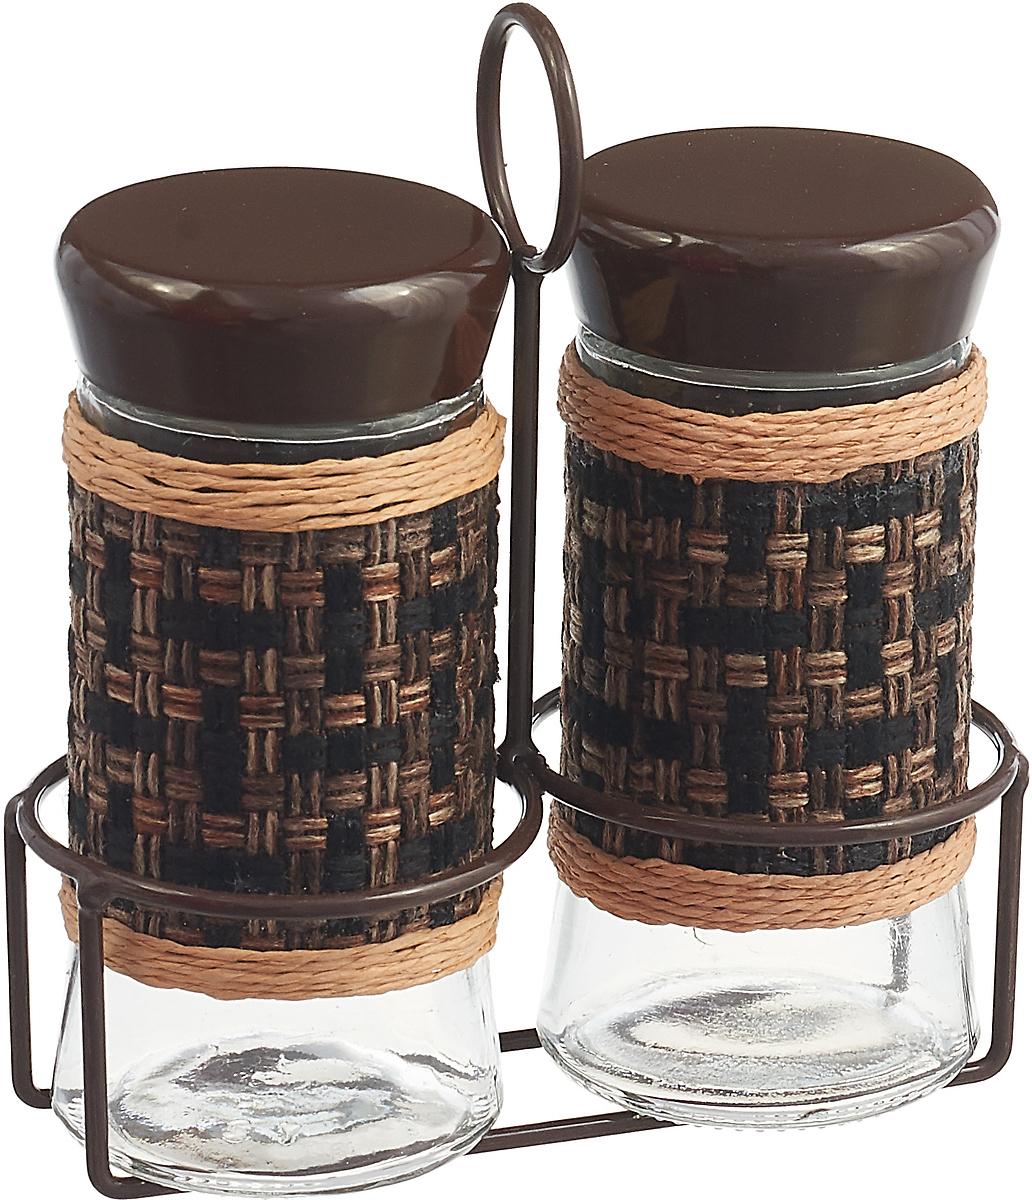 Набор для специй Mayer & Boch, 28726, коричневый, 3 предмета